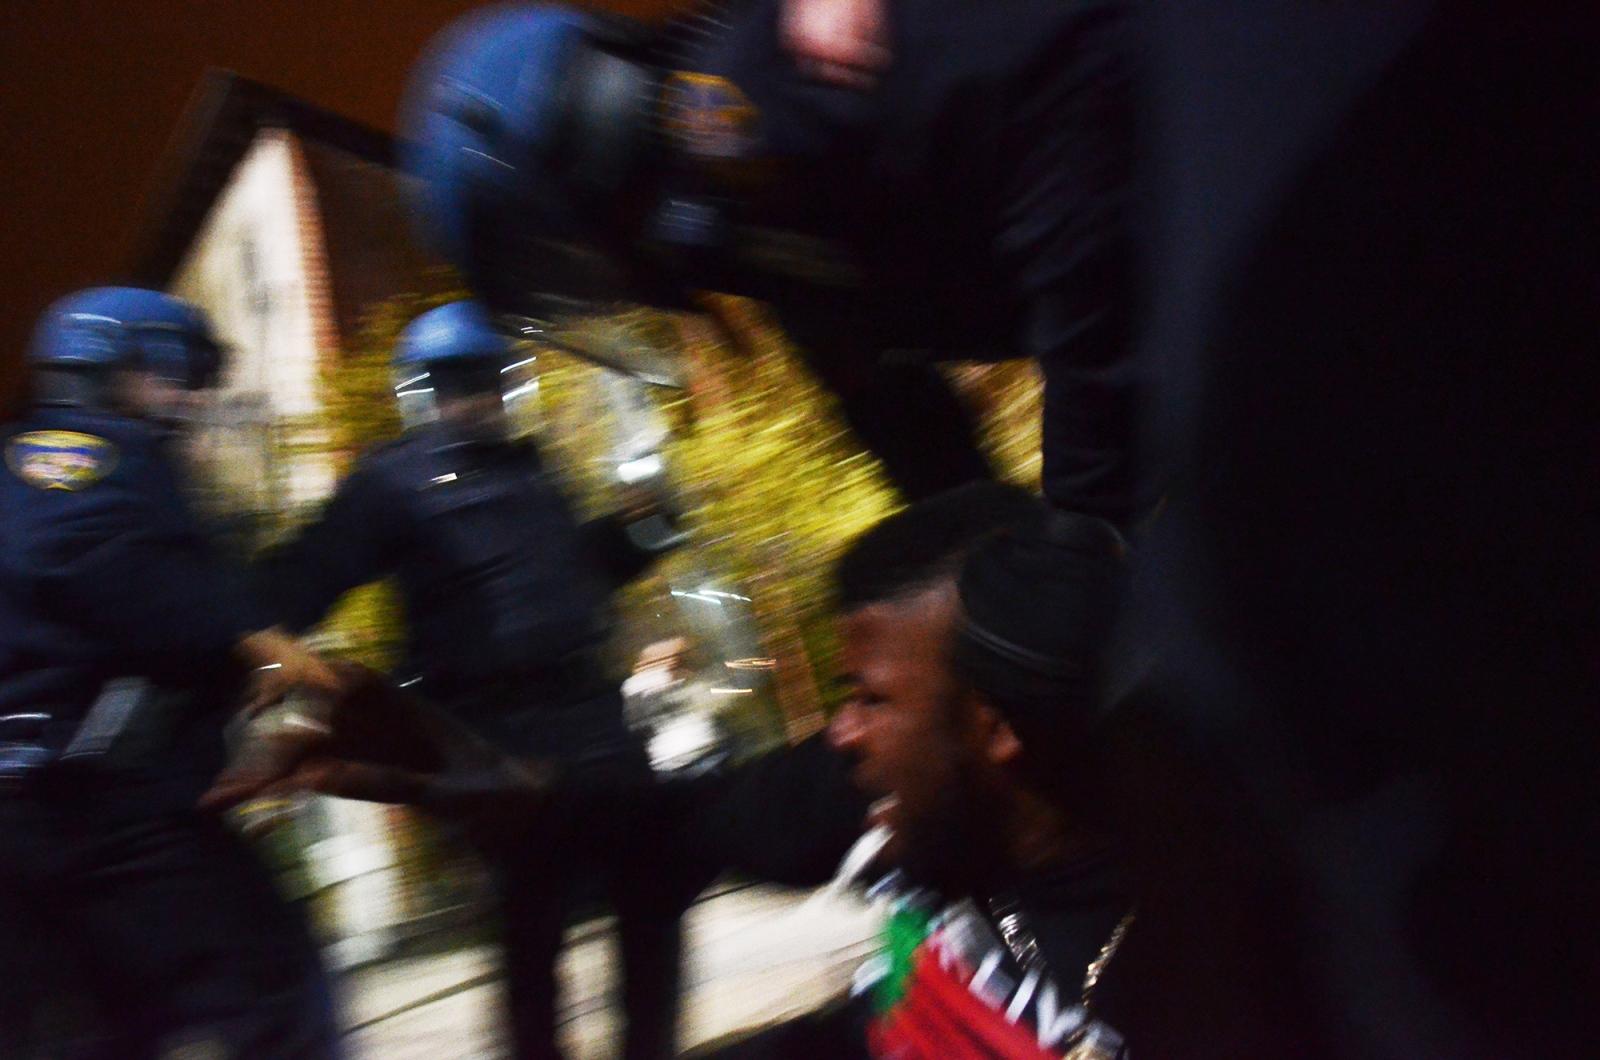 Baltimore- Baltimore police beat a man during the Baltimore Uprising